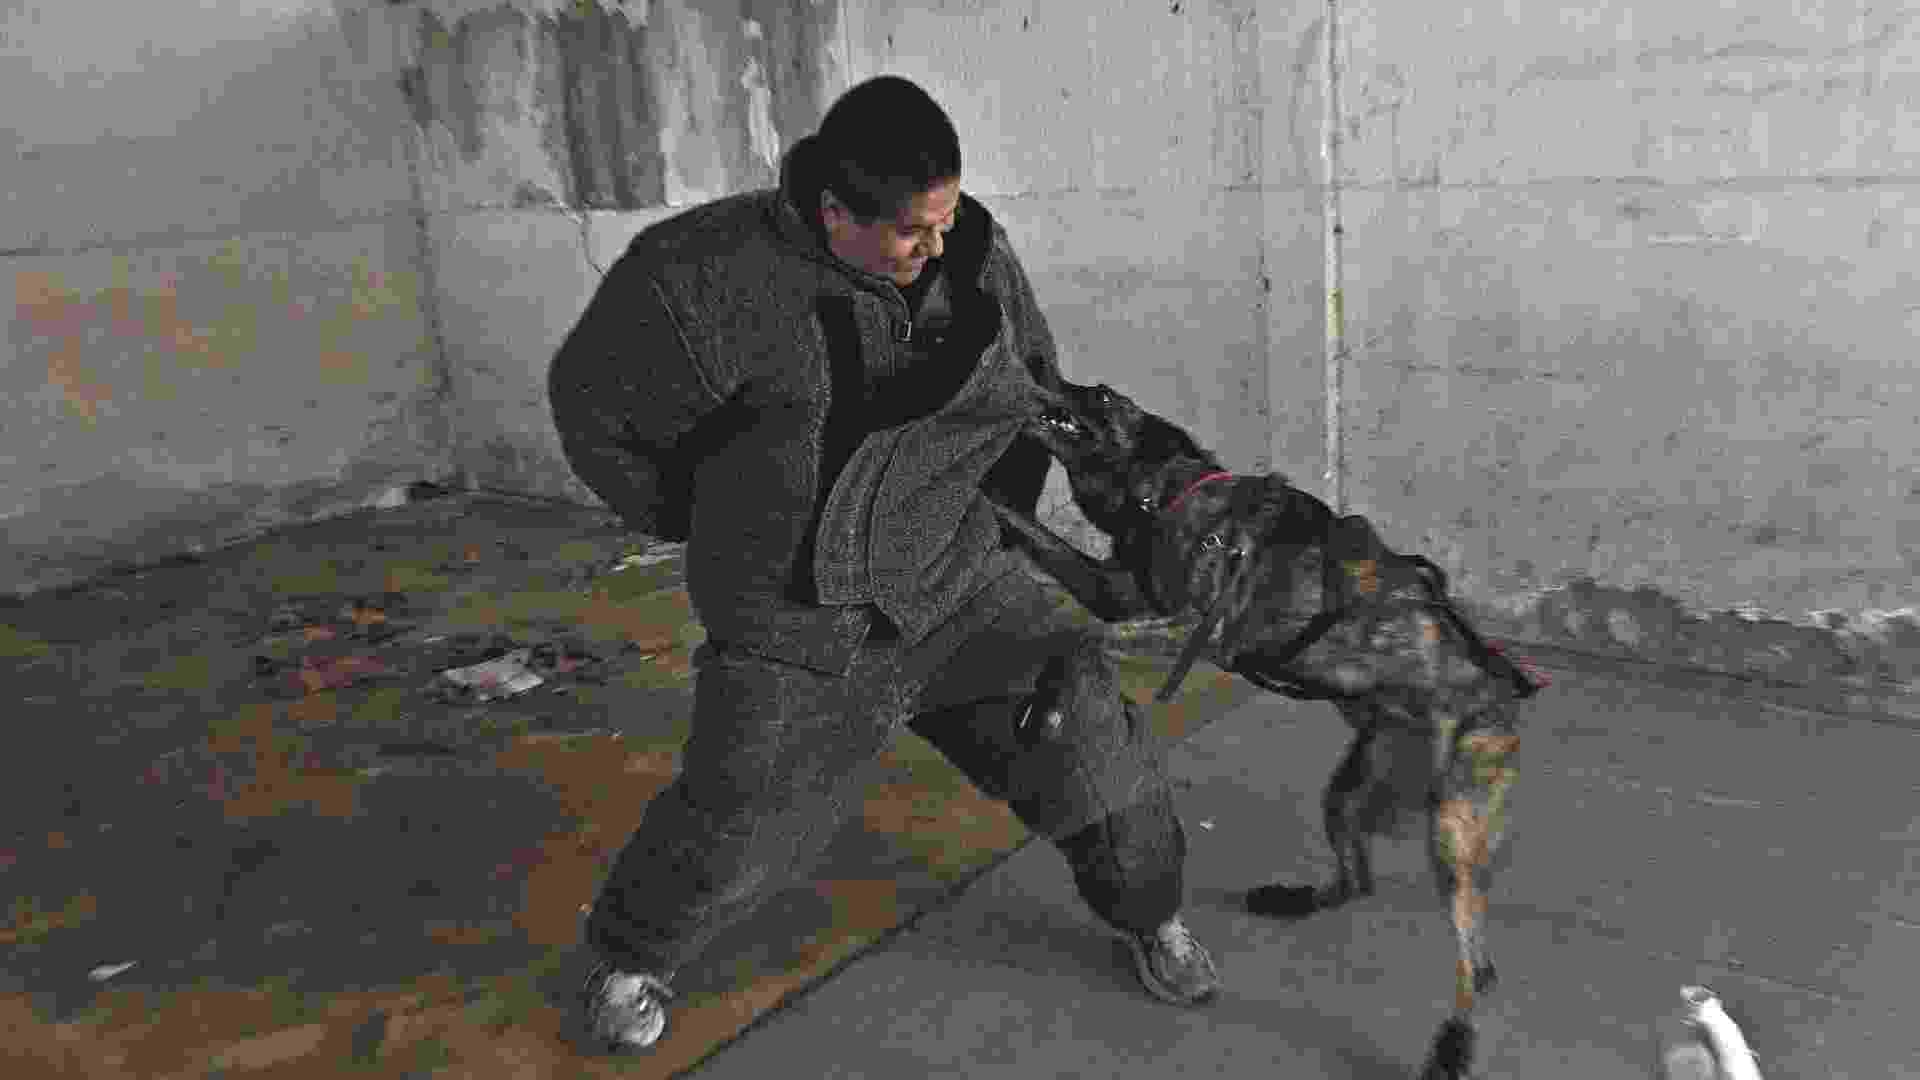 30.set.2012 - Cães da polícia do Rio aprendem técnicas francesas de treinamento em intercâmbio promovido pela PM - Júlio Guimarães/UOL